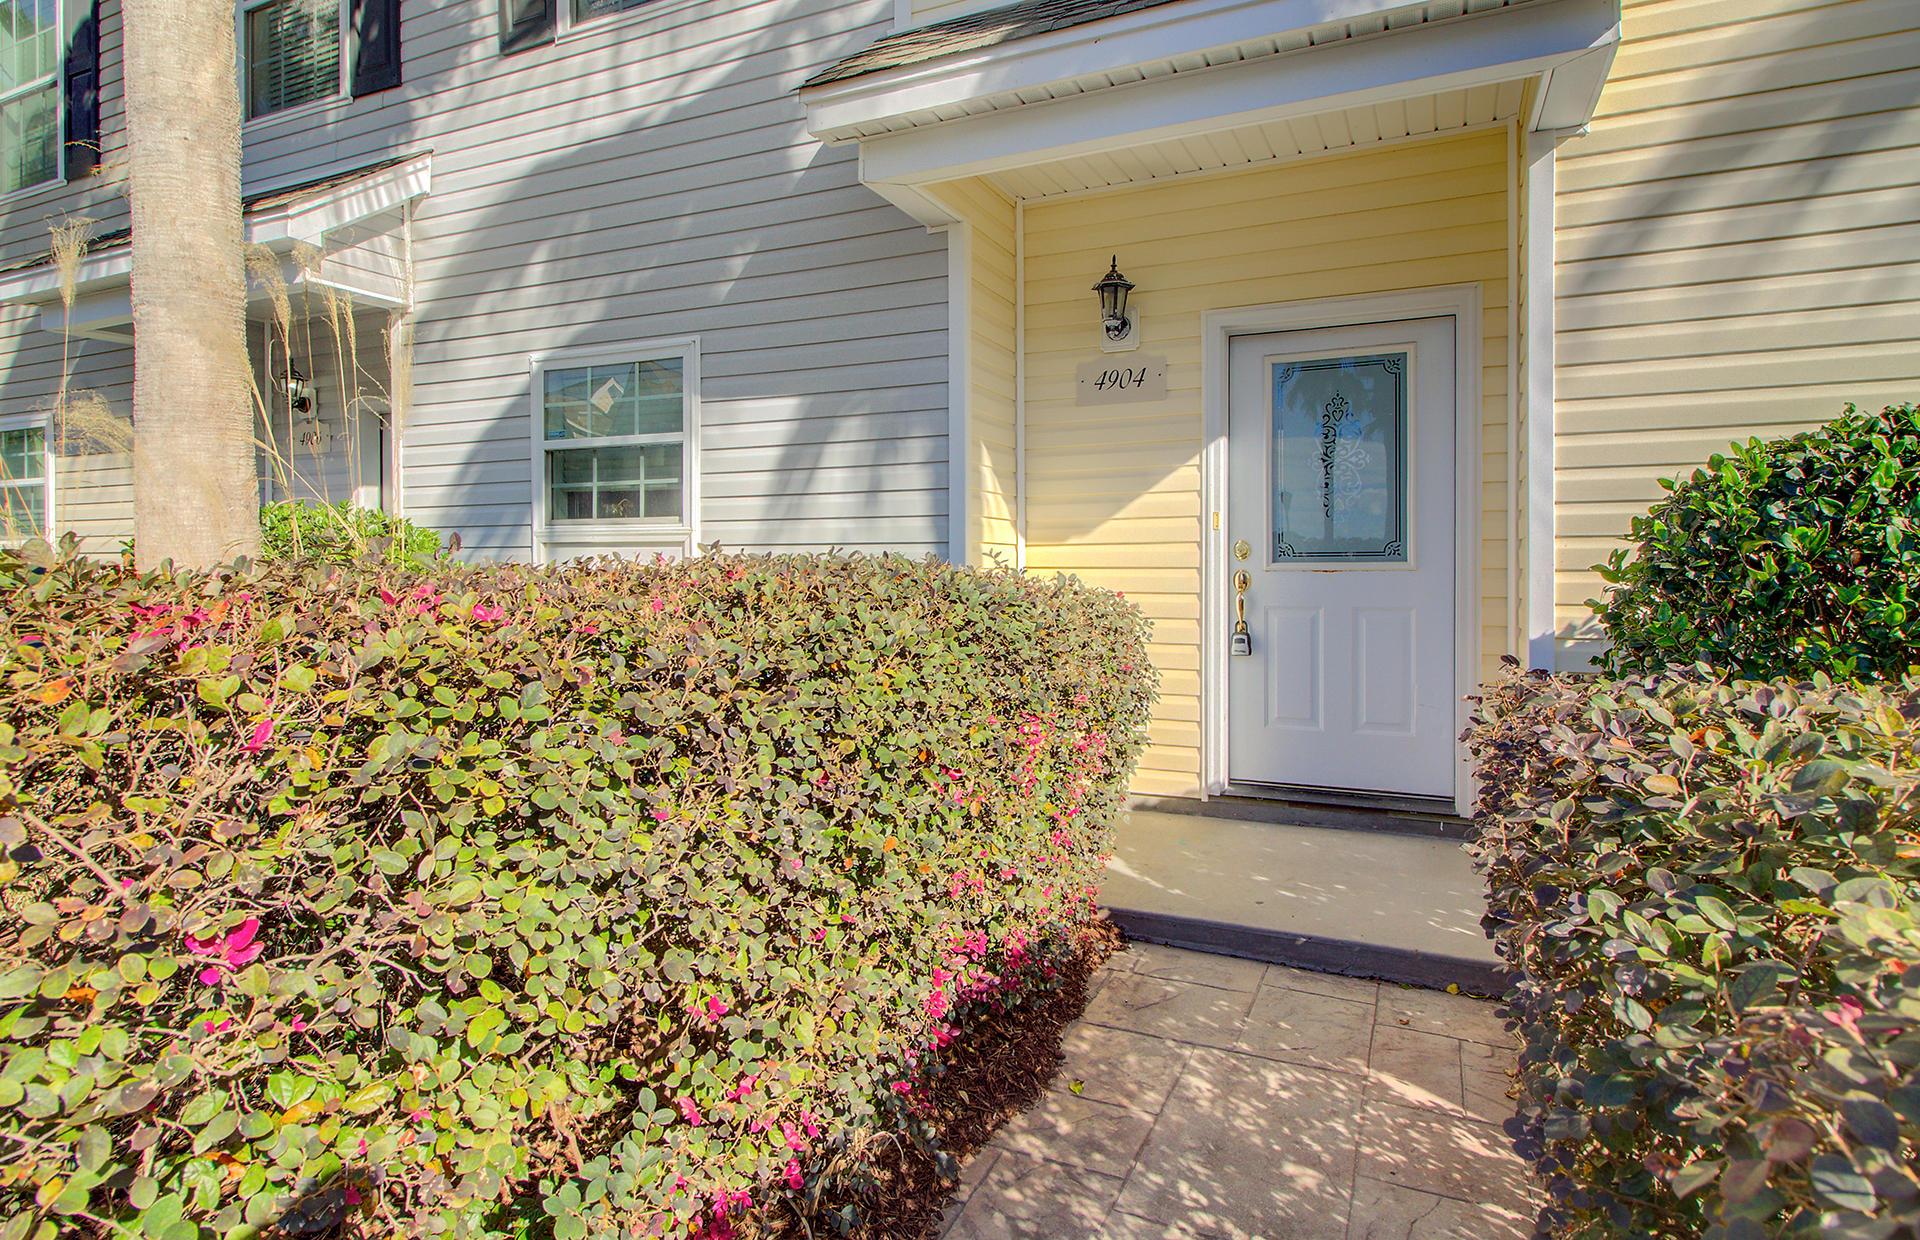 Lake Palmetto Homes For Sale - 4904 Lake Palmetto, North Charleston, SC - 24